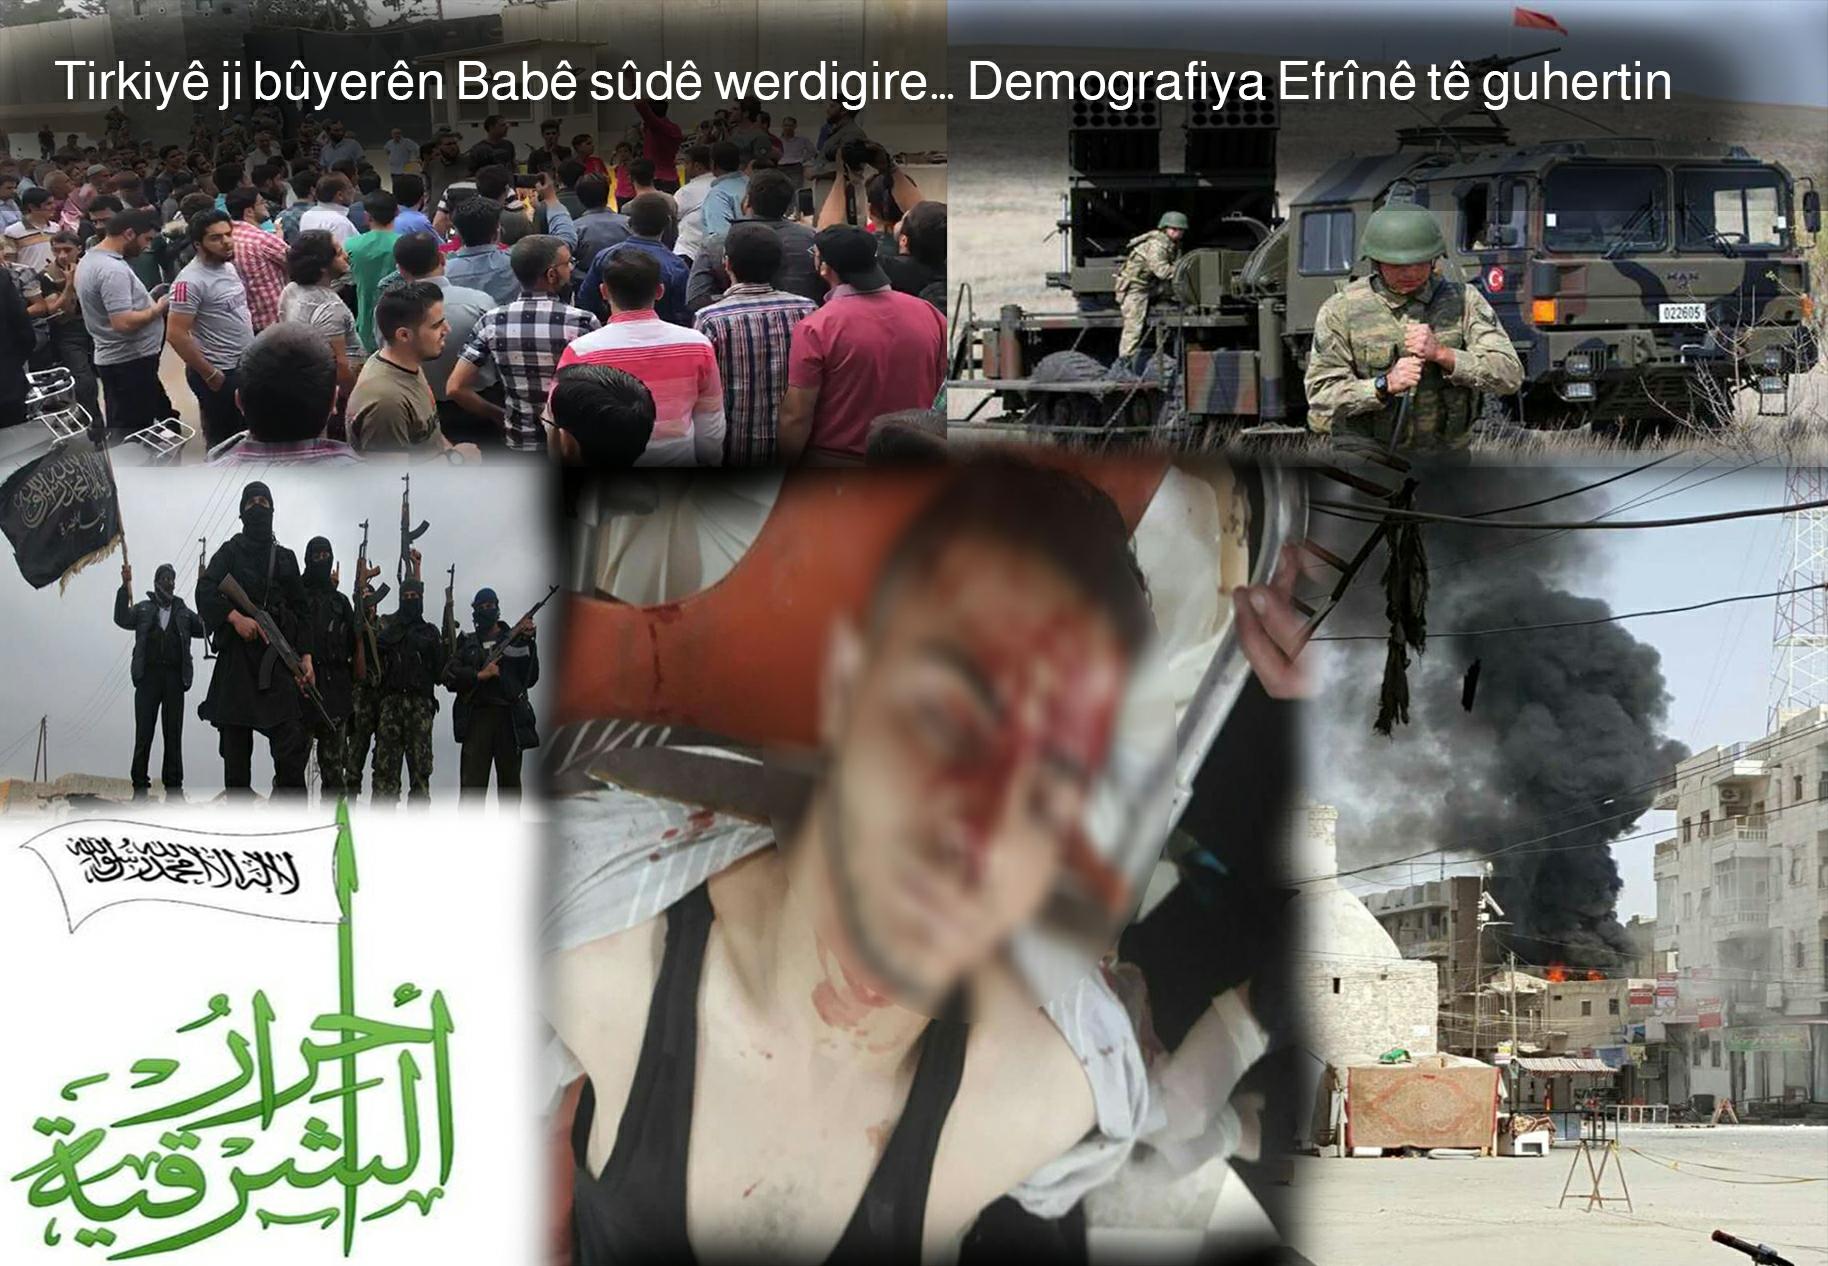 Tirkiyê ji bûyerên Babê sûdê werdigire… Demografiya Efrînê tê guhertin - 2